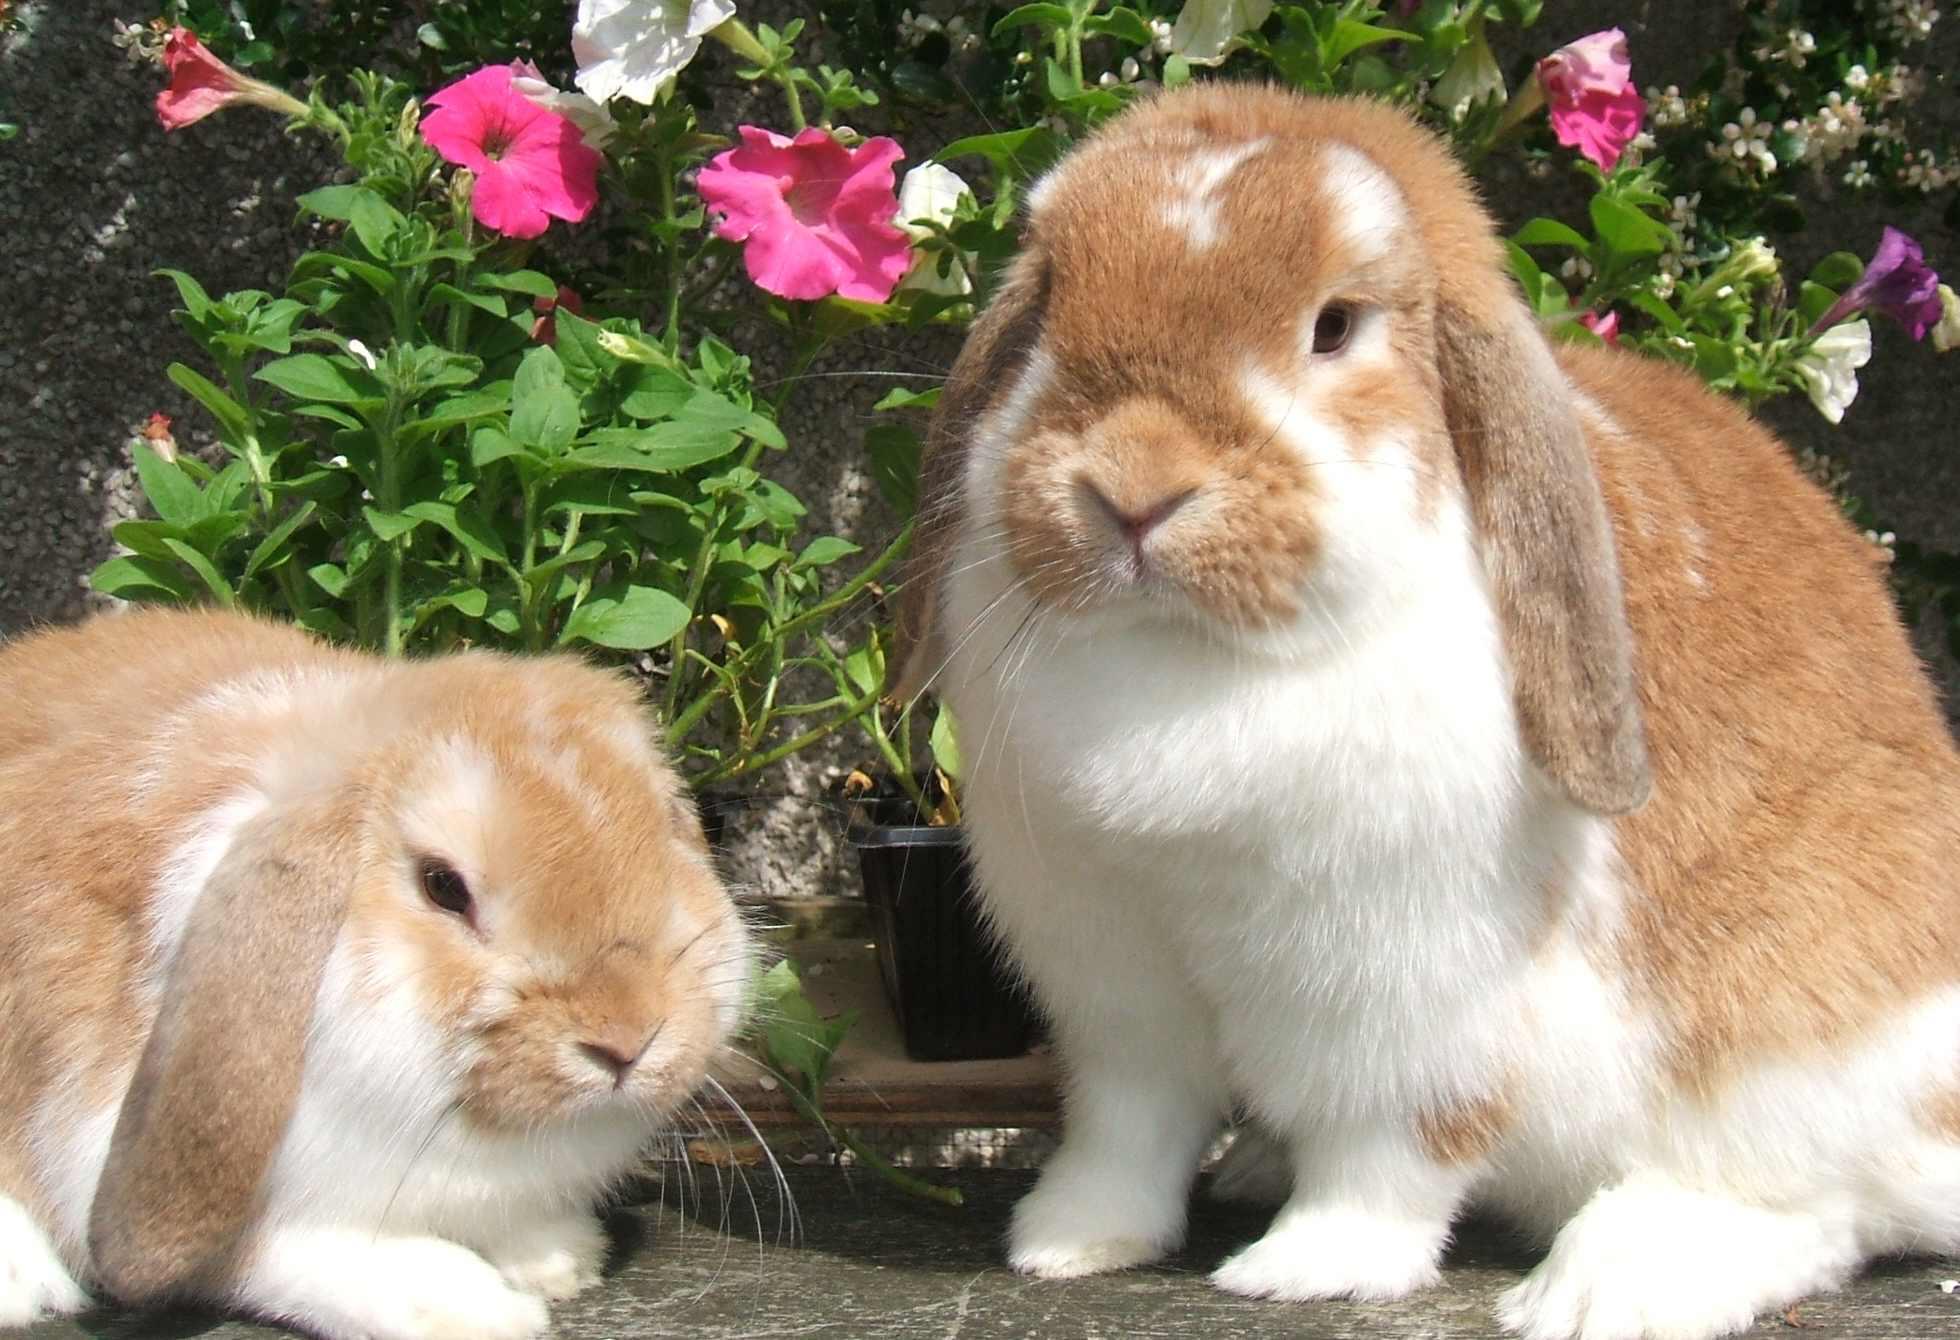 Dwarf lop rabbits - photo#14